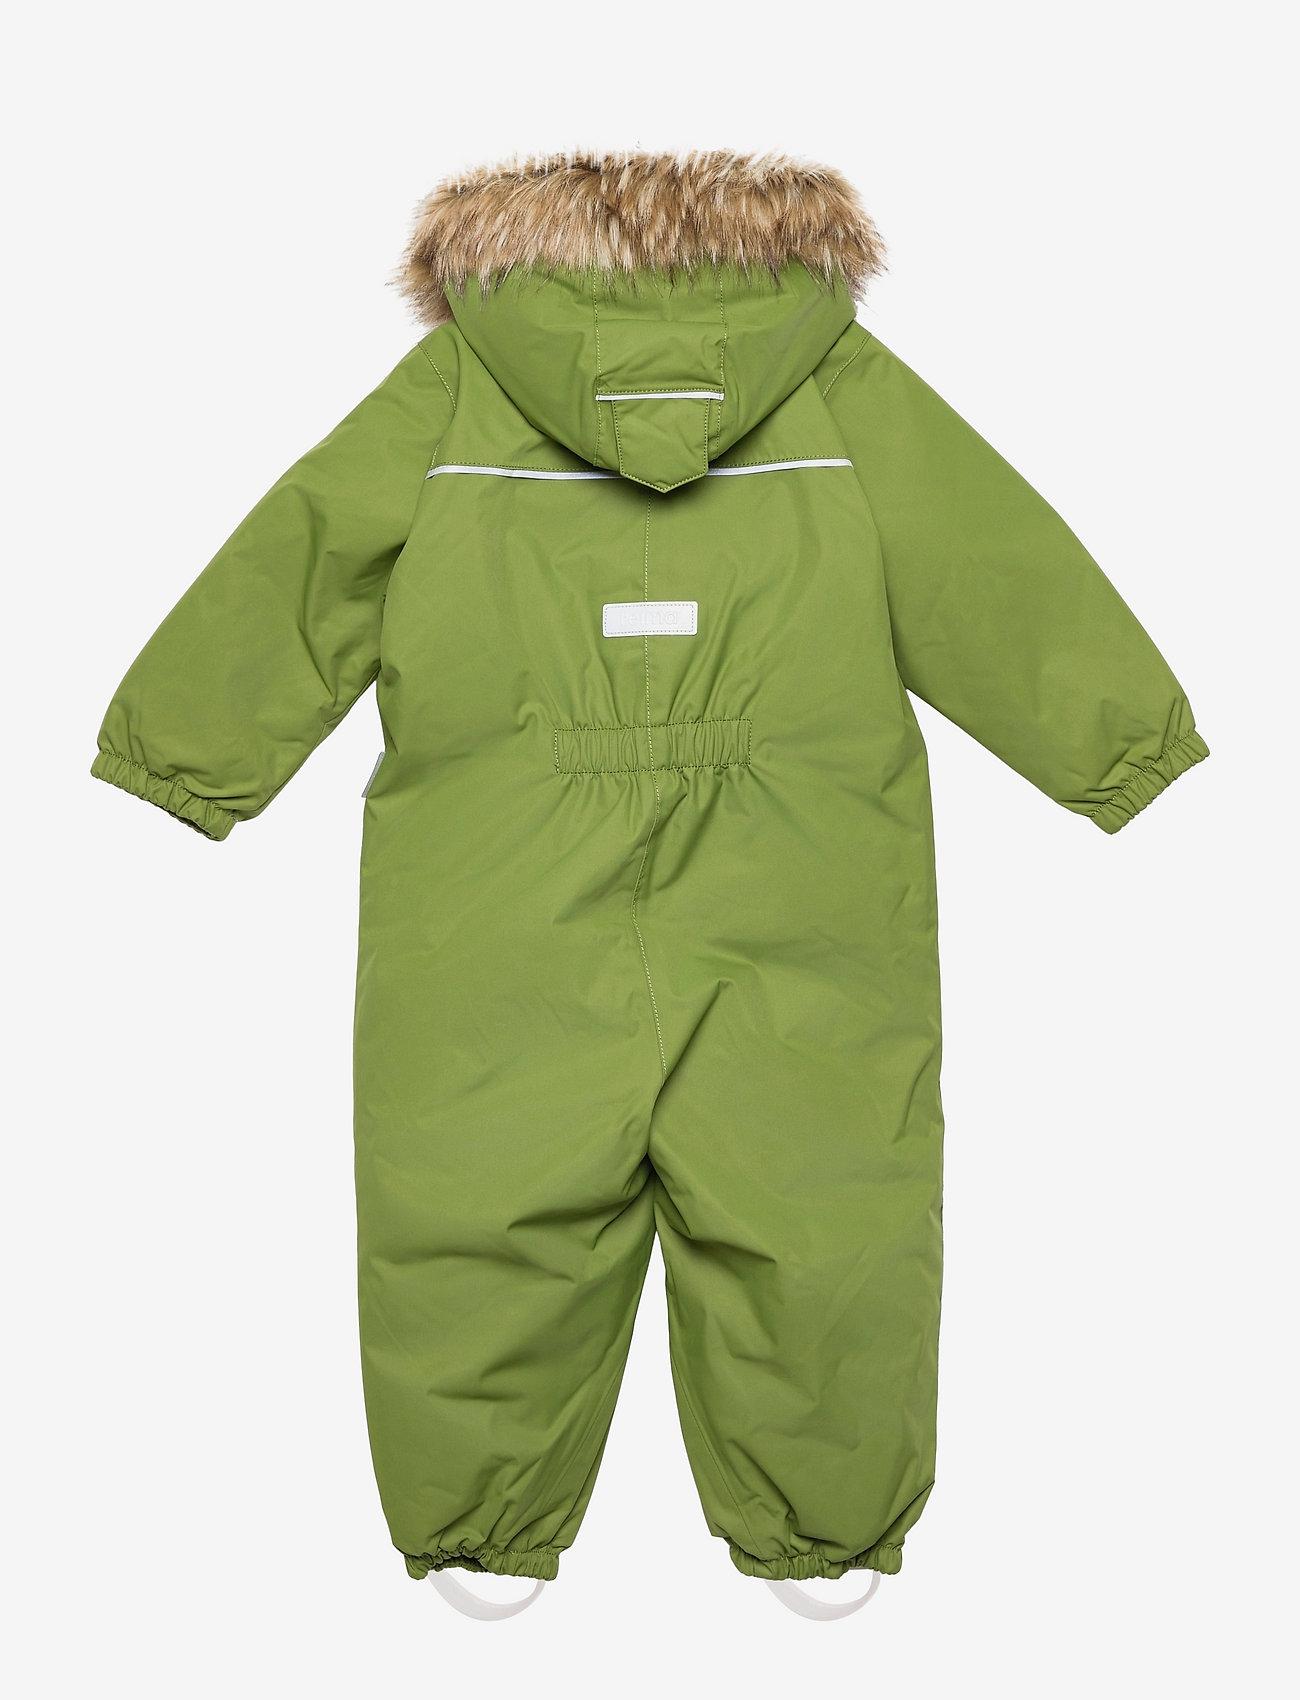 Reima - Reimatec winter overall, Gotland Dark berry,80 cm - snowsuit - cactus green - 1